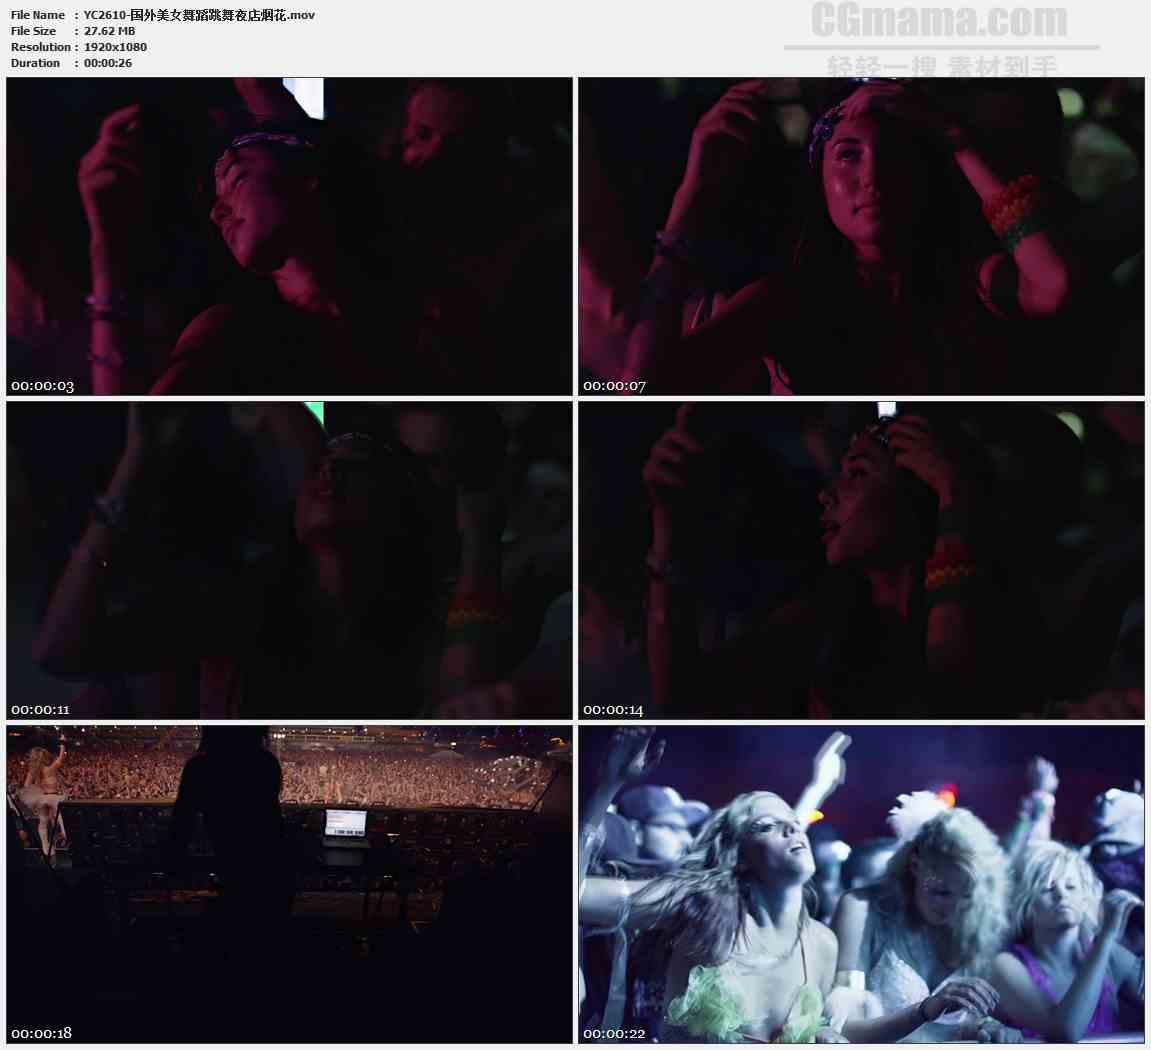 YC2610-国外美女舞蹈跳舞夜店烟花高清实拍视频素材